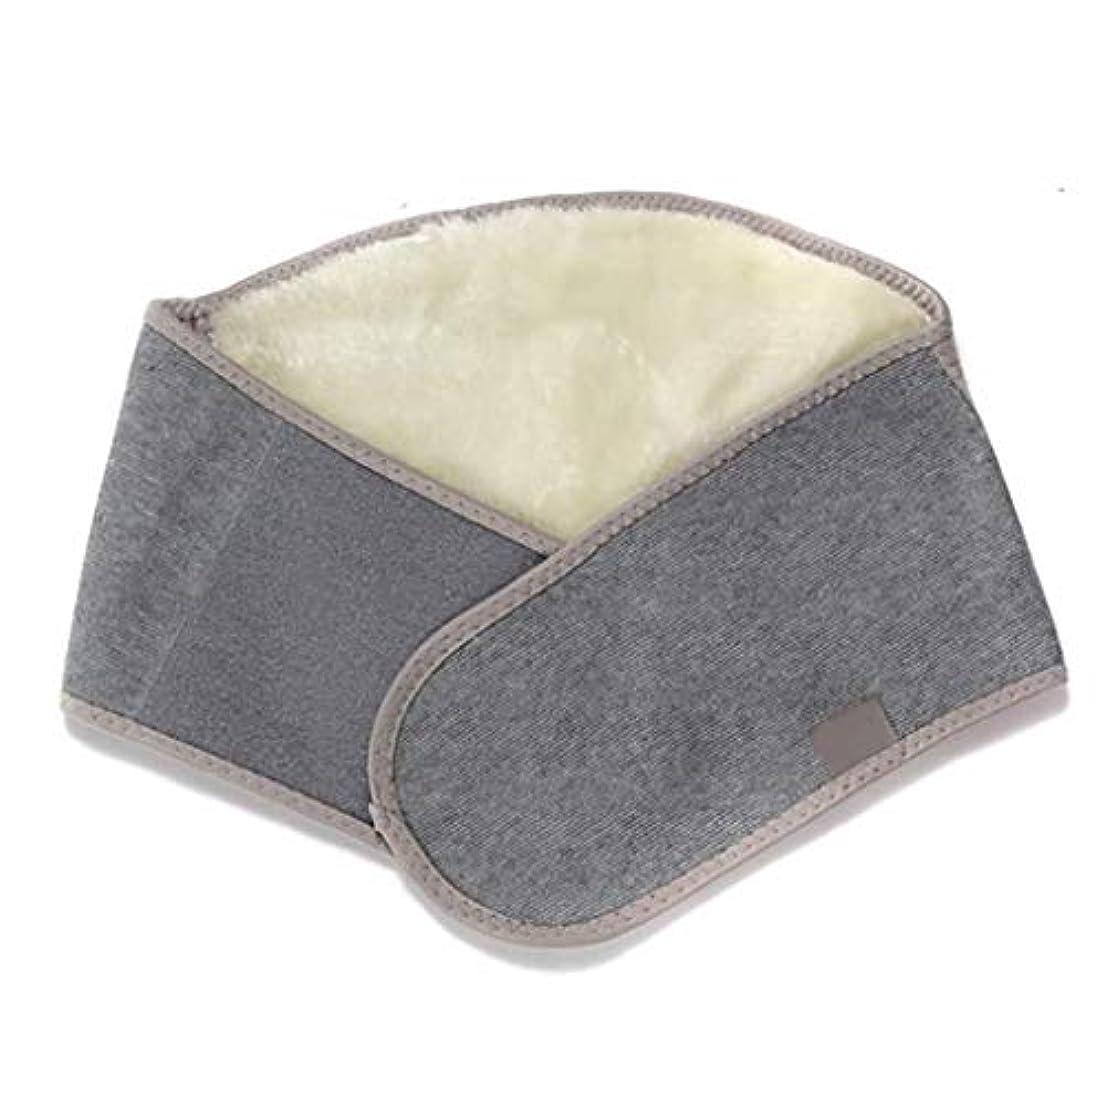 ジョージエリオット体敬意を表して戻る/腰サポートベルト、竹炭カシミヤベルト背面通気性を温め、痛みや防ぐ傷害を和らげます